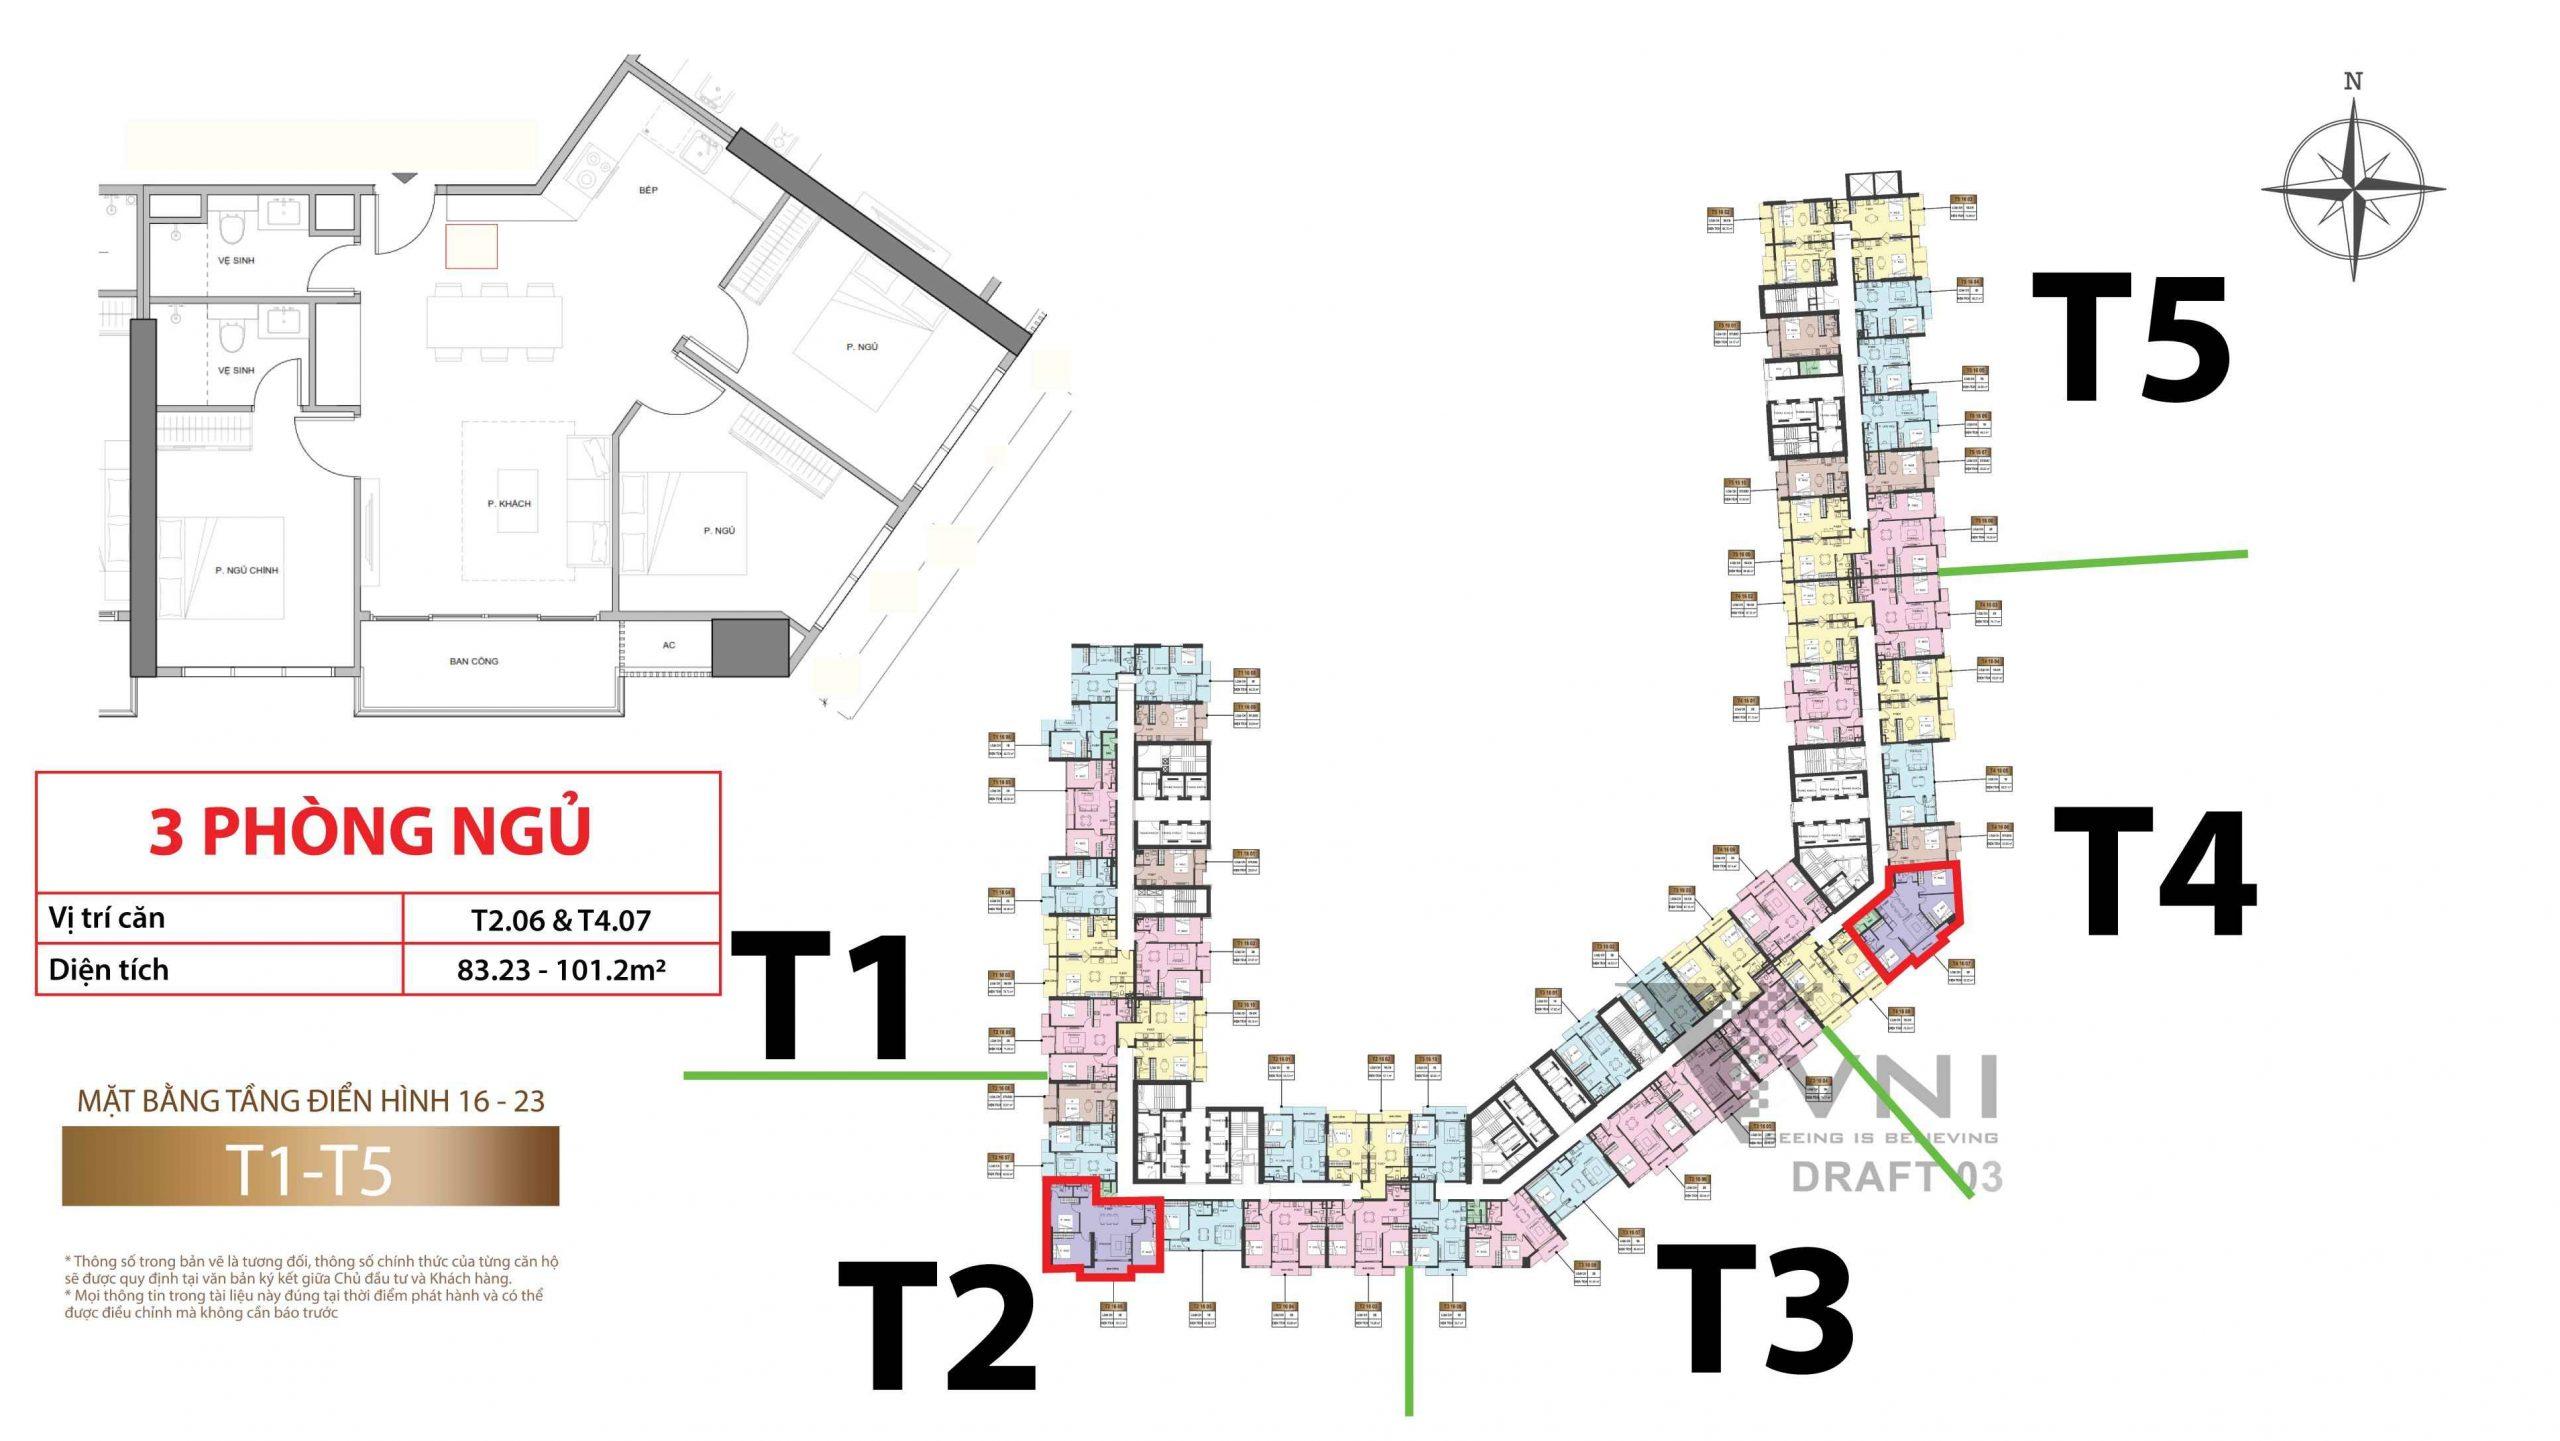 Mặt bằng và vị trí các căn hộ 3 phòng ngủ tầng 16-23